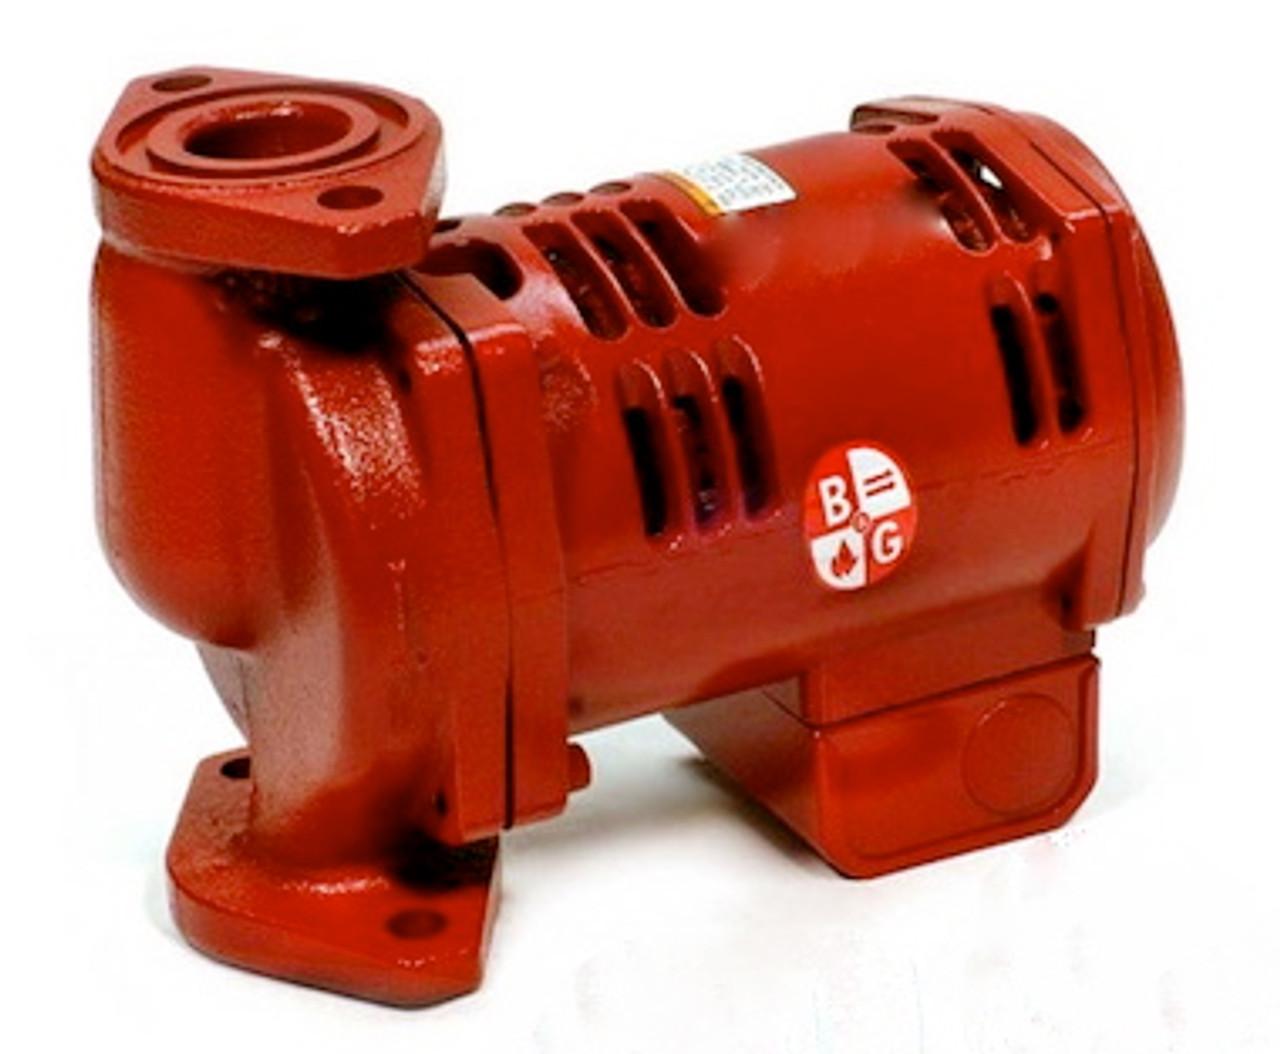 medium resolution of 1bl002 bell gossett pl 45 pump national pump supply bell gossett wiring diagram